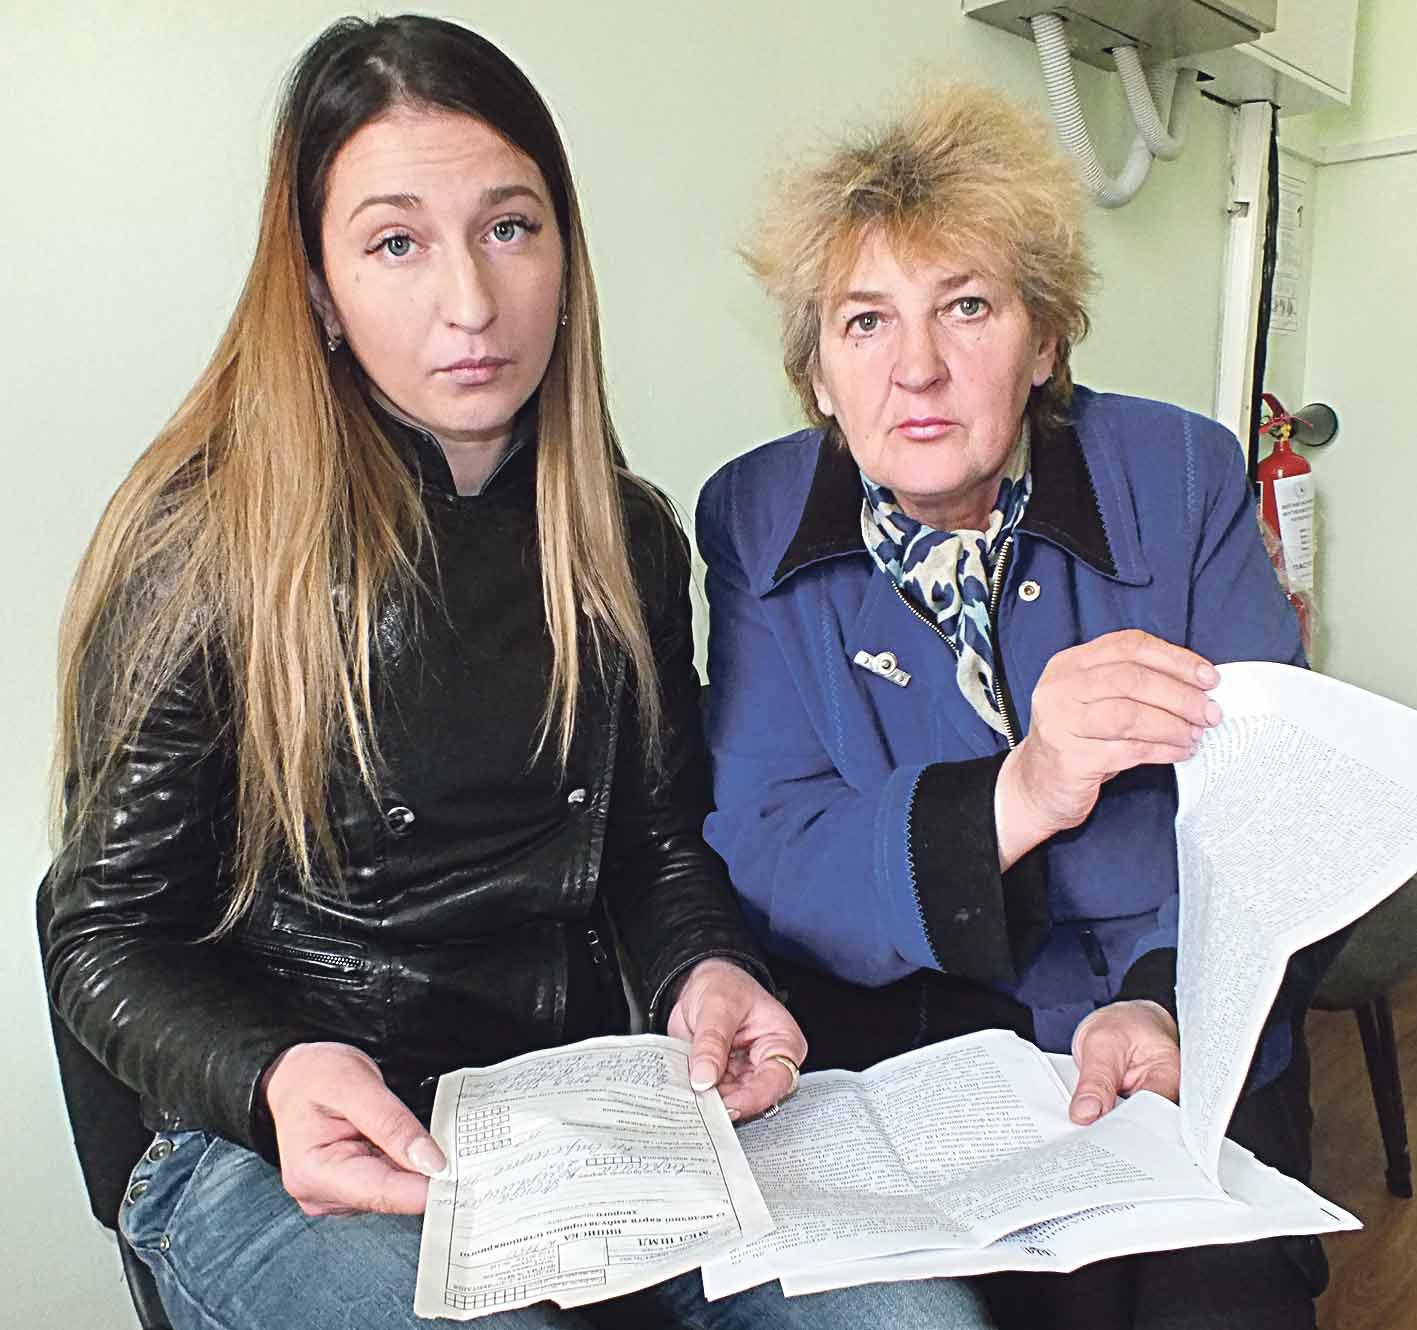 «Була готова перерізати собі горлянку, аби поліцейські лише не били мене!» – Вінничанка Людмила Пондо звинувачує поліцейських у катуваннях (відео)